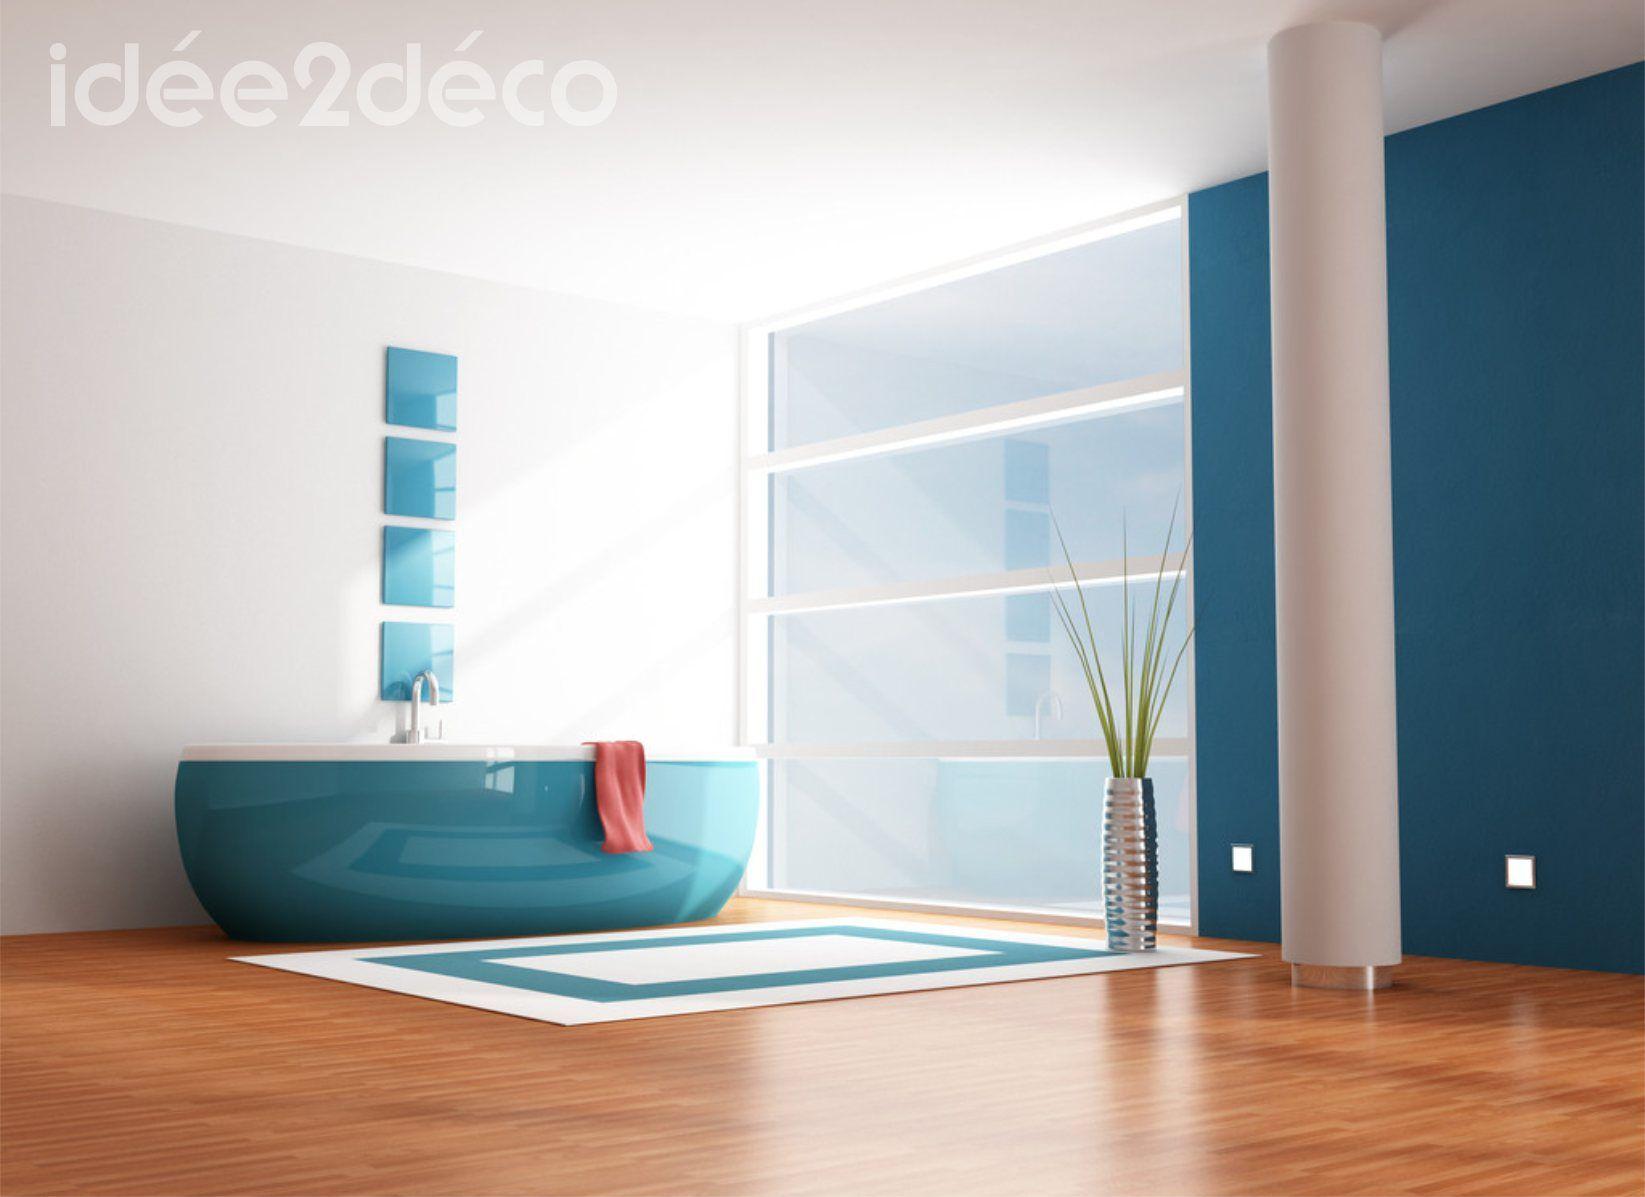 Design de salle de bain bleue canard | Salle de bain ...